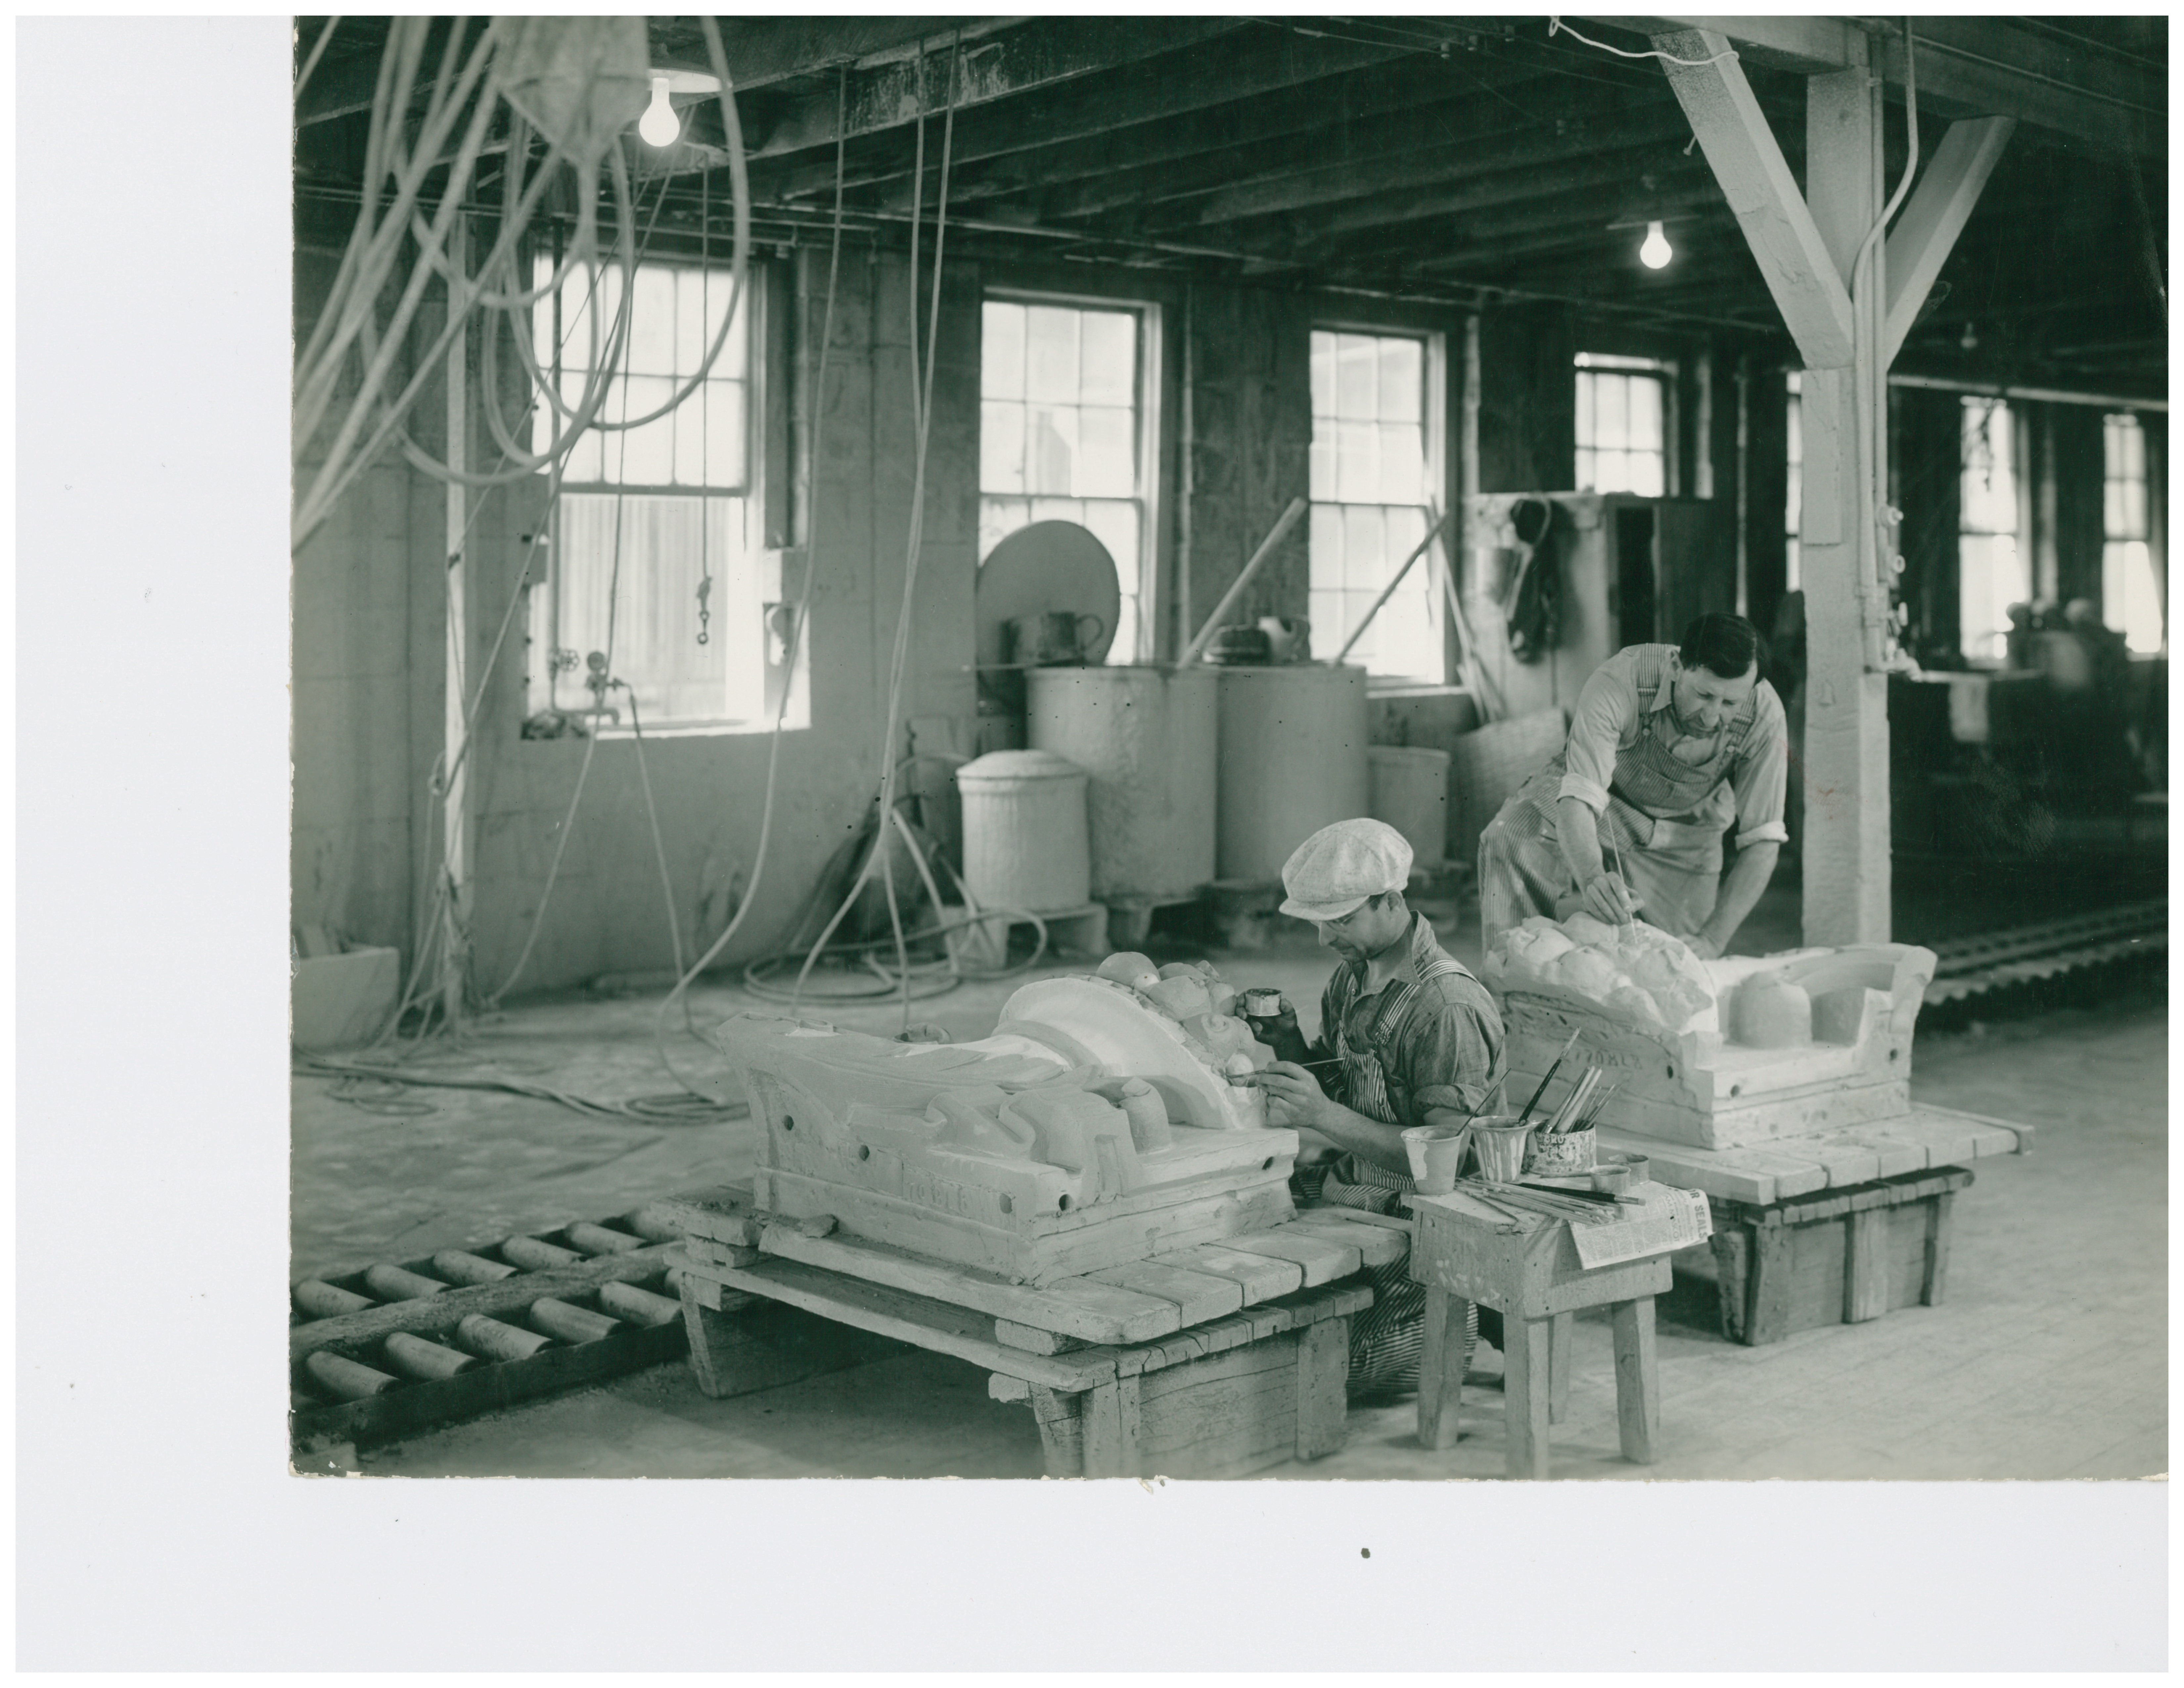 1946 Workers in Sprayroom